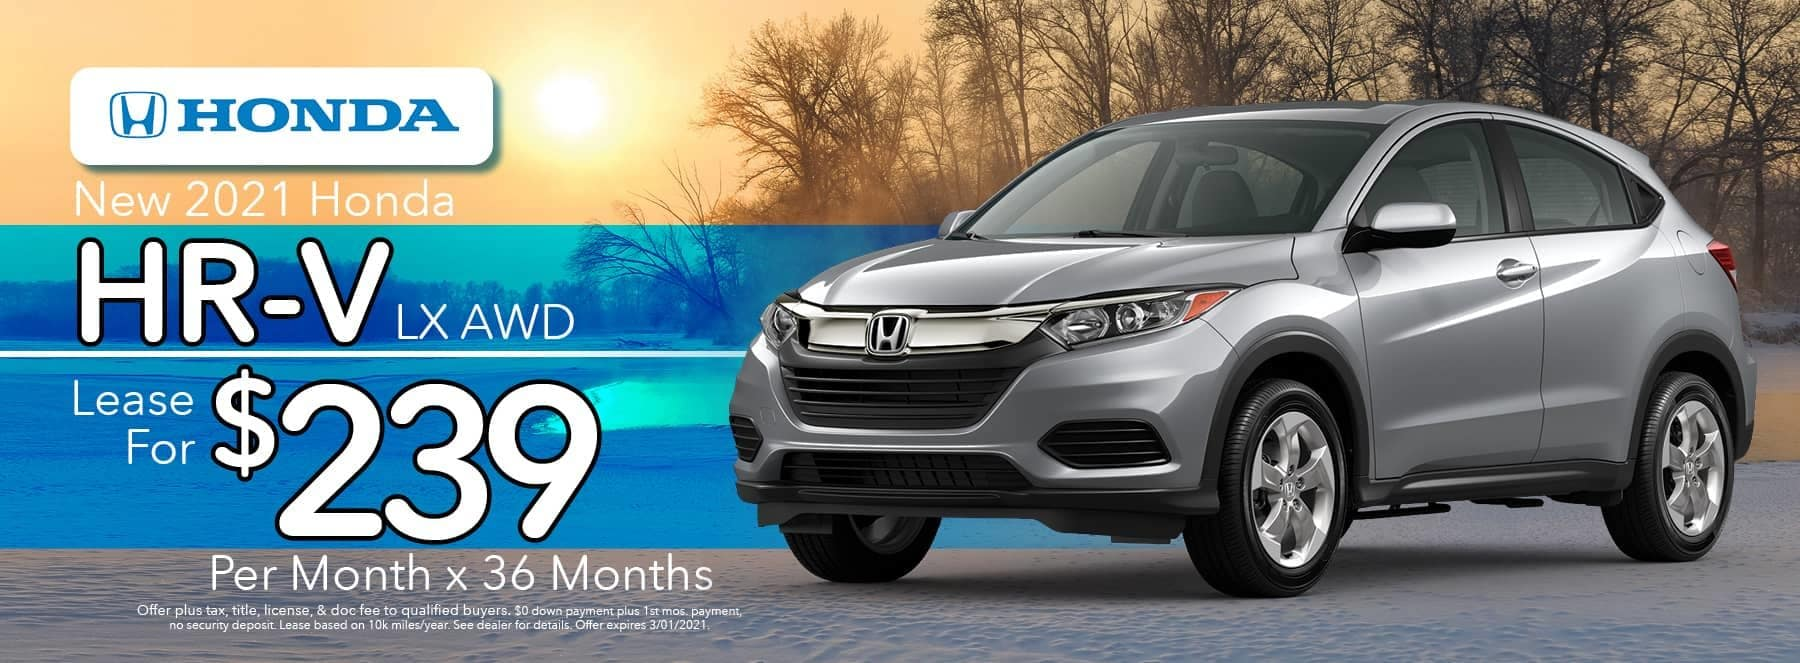 Vans Honda Specials - 2021 HR-V - Lease for $239 per month-36months